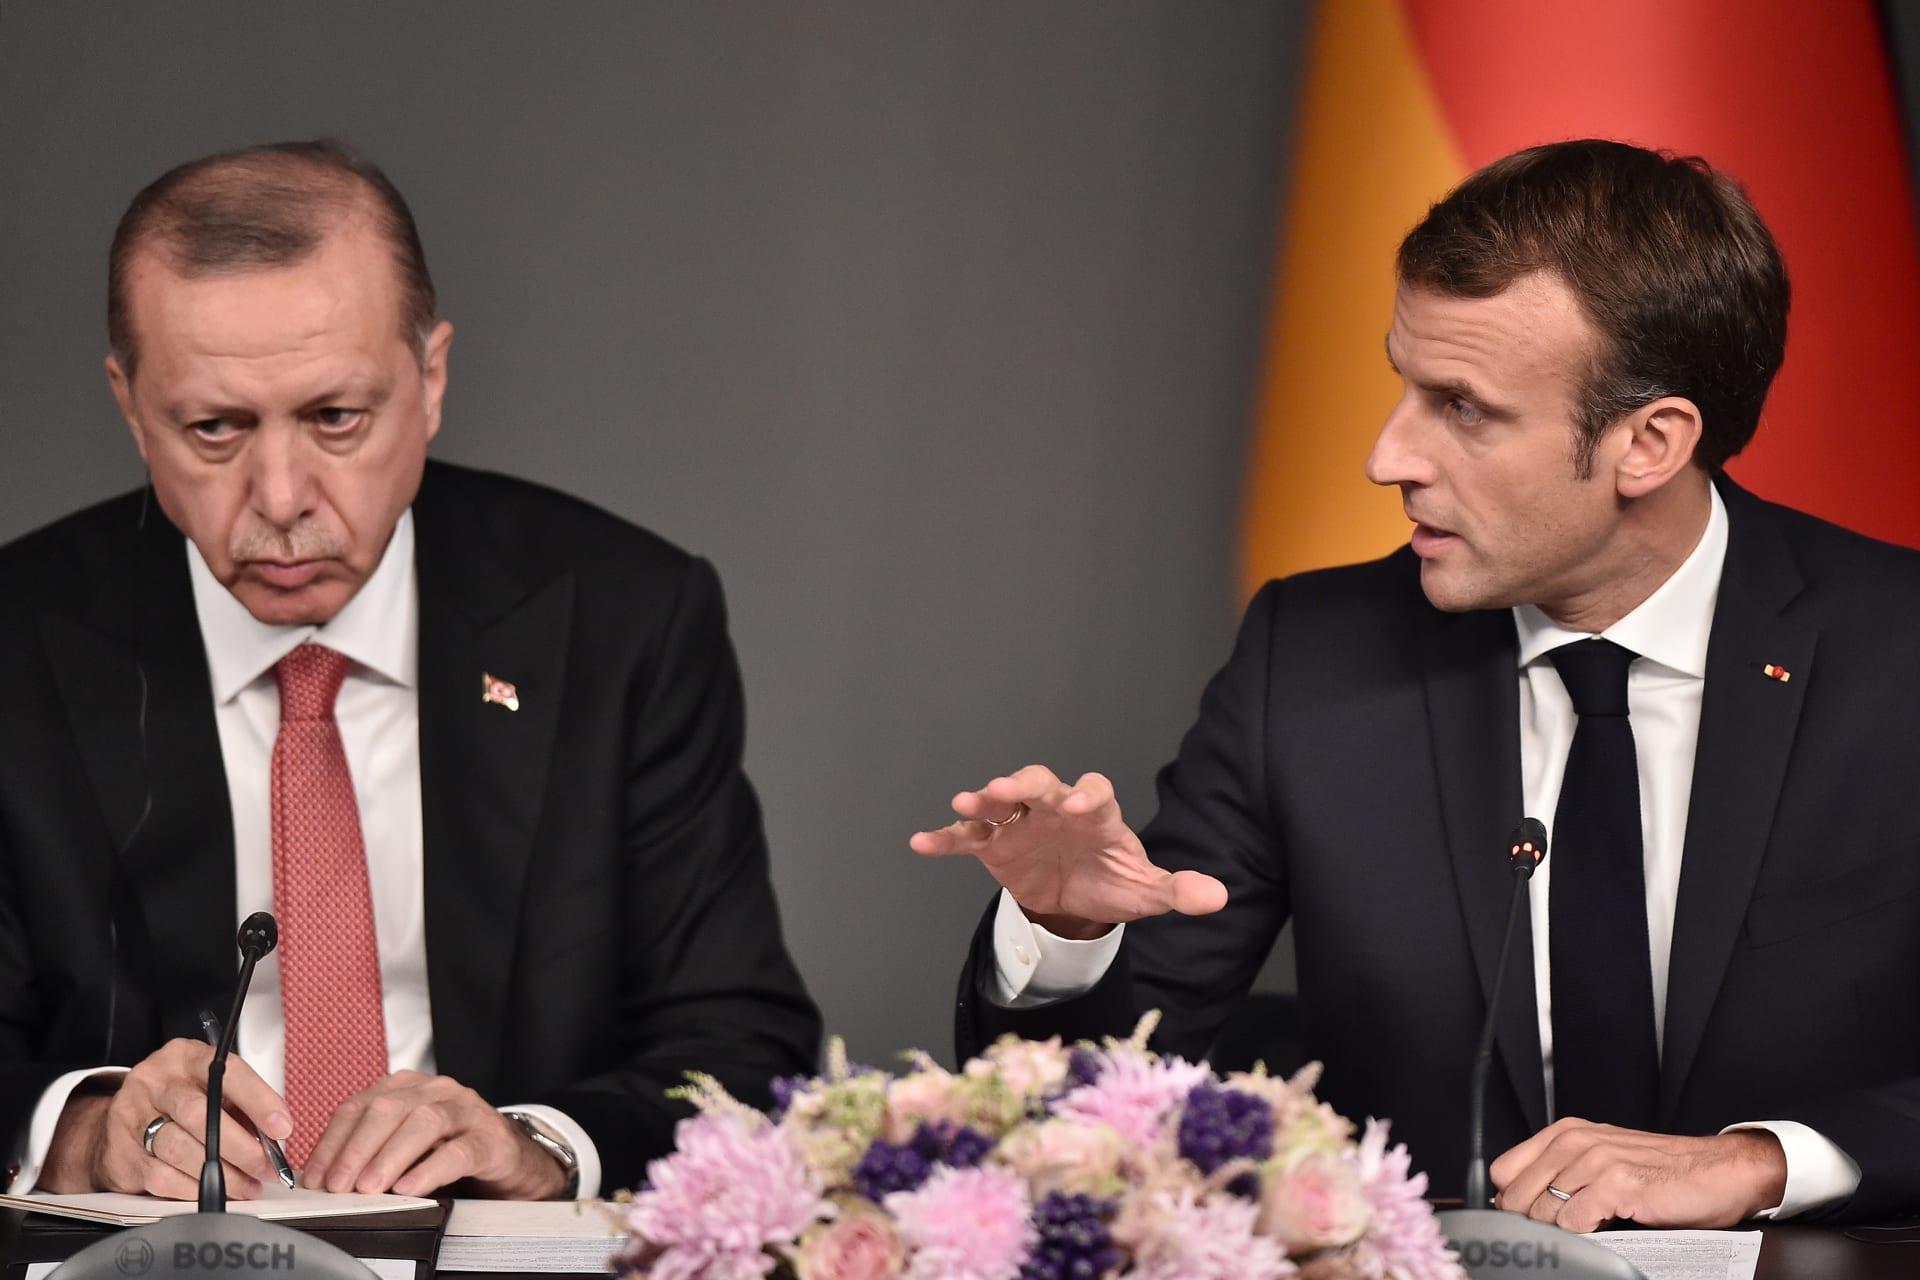 """أردوغان ردا على تصريحات ماكرون حول الإسلام: """"وقاحة وقلة أدب"""""""